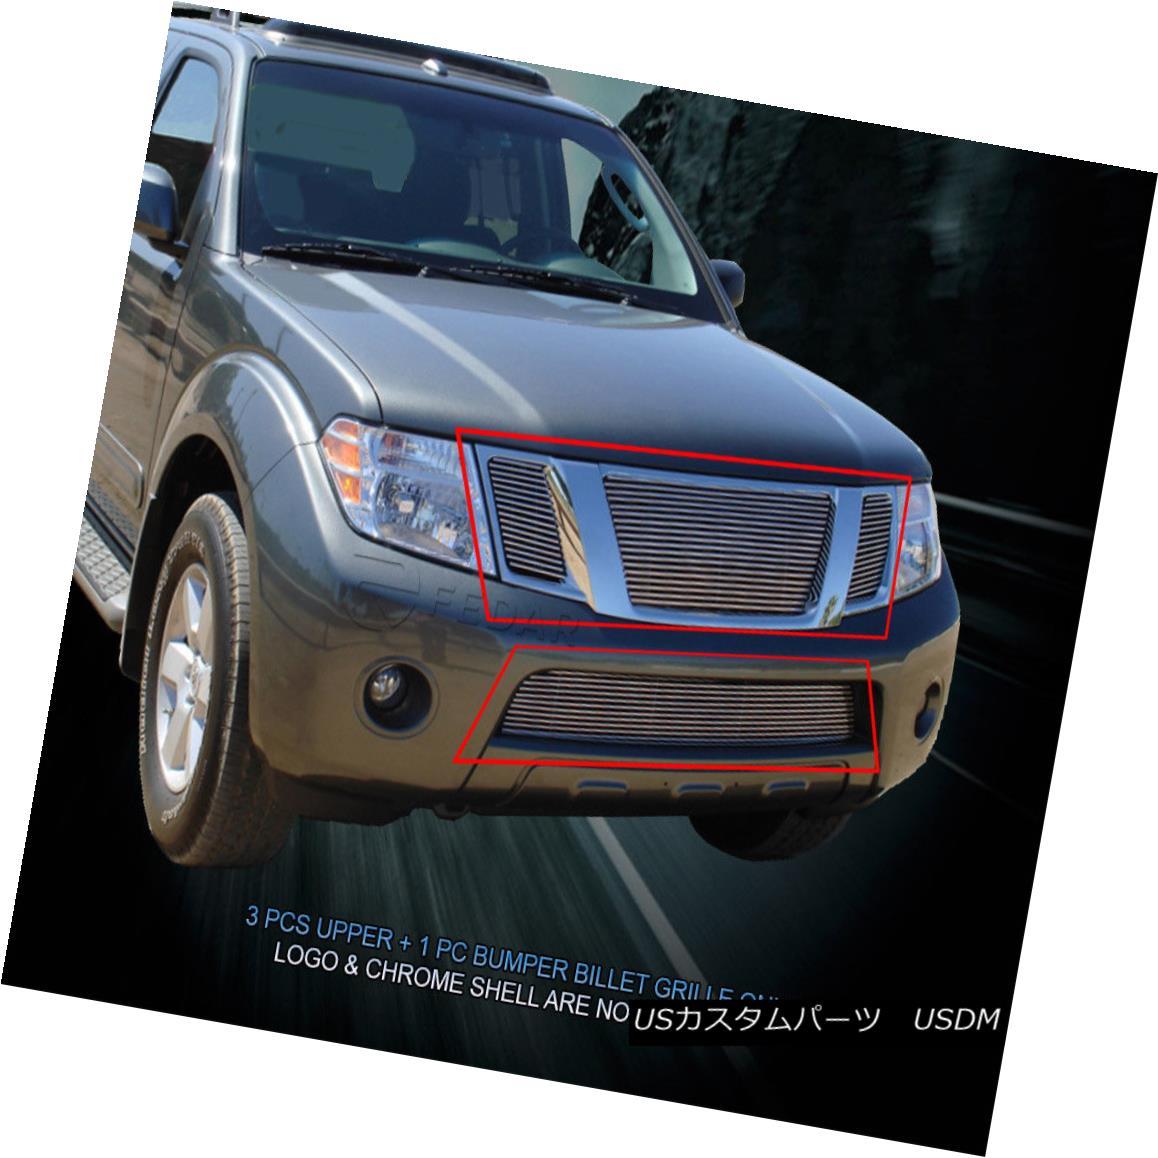 グリル Fedar Fits 2008-2012 Nissan Pathfinder Polished Overlay Billet Grille Combo Fedar Fits 2008-2012 Nissan Pathfinder Polished Overlayビレットグリルコンボ